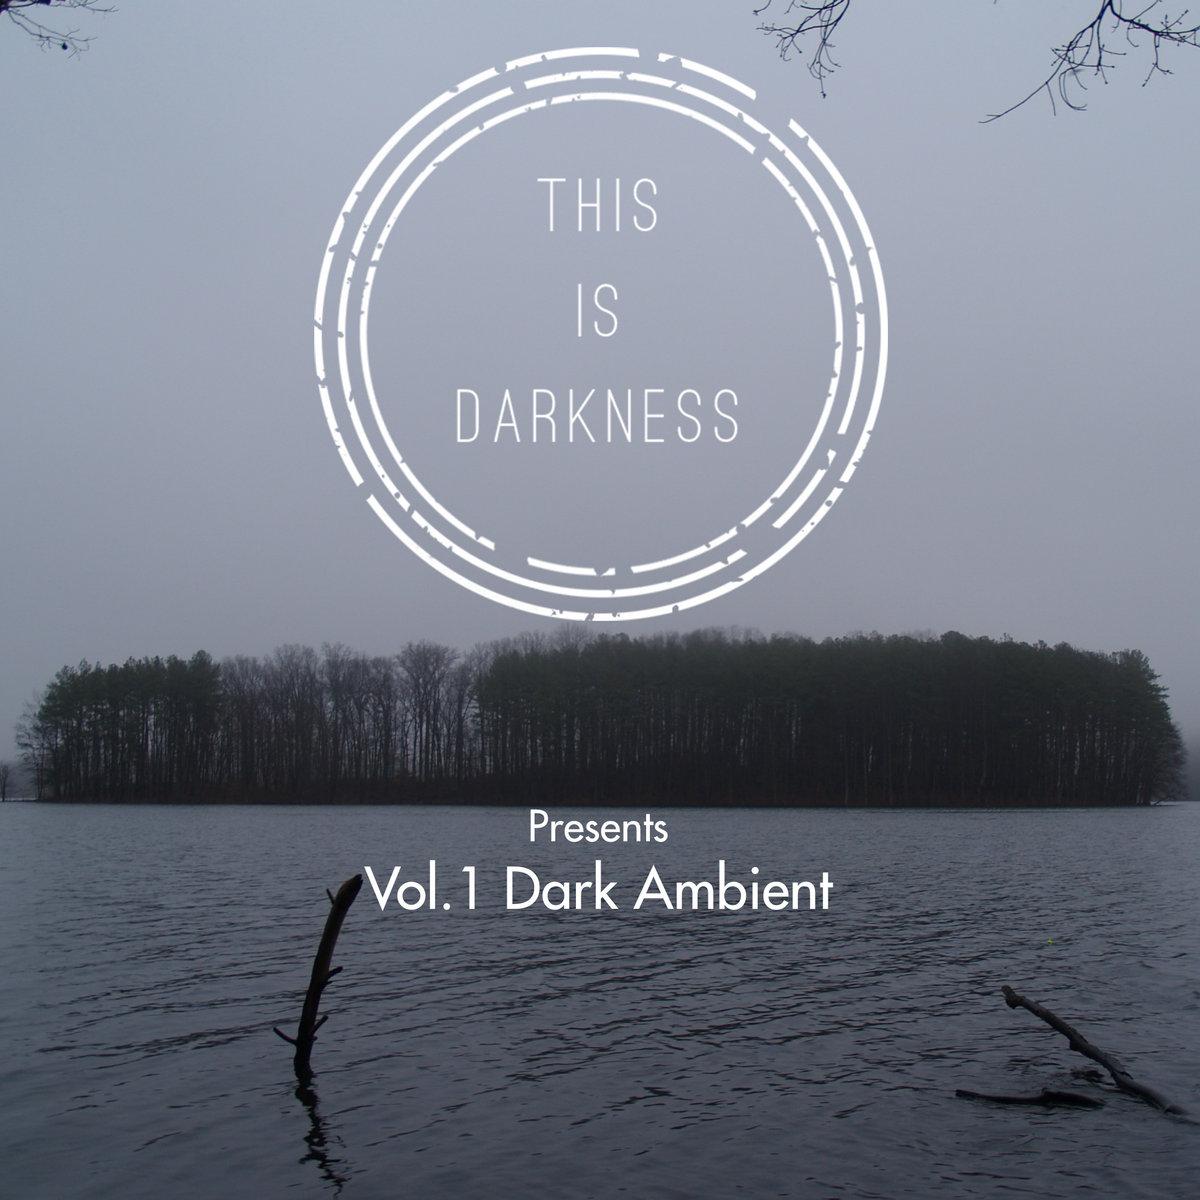 Vol 1 Dark Ambient | This Is Darkness